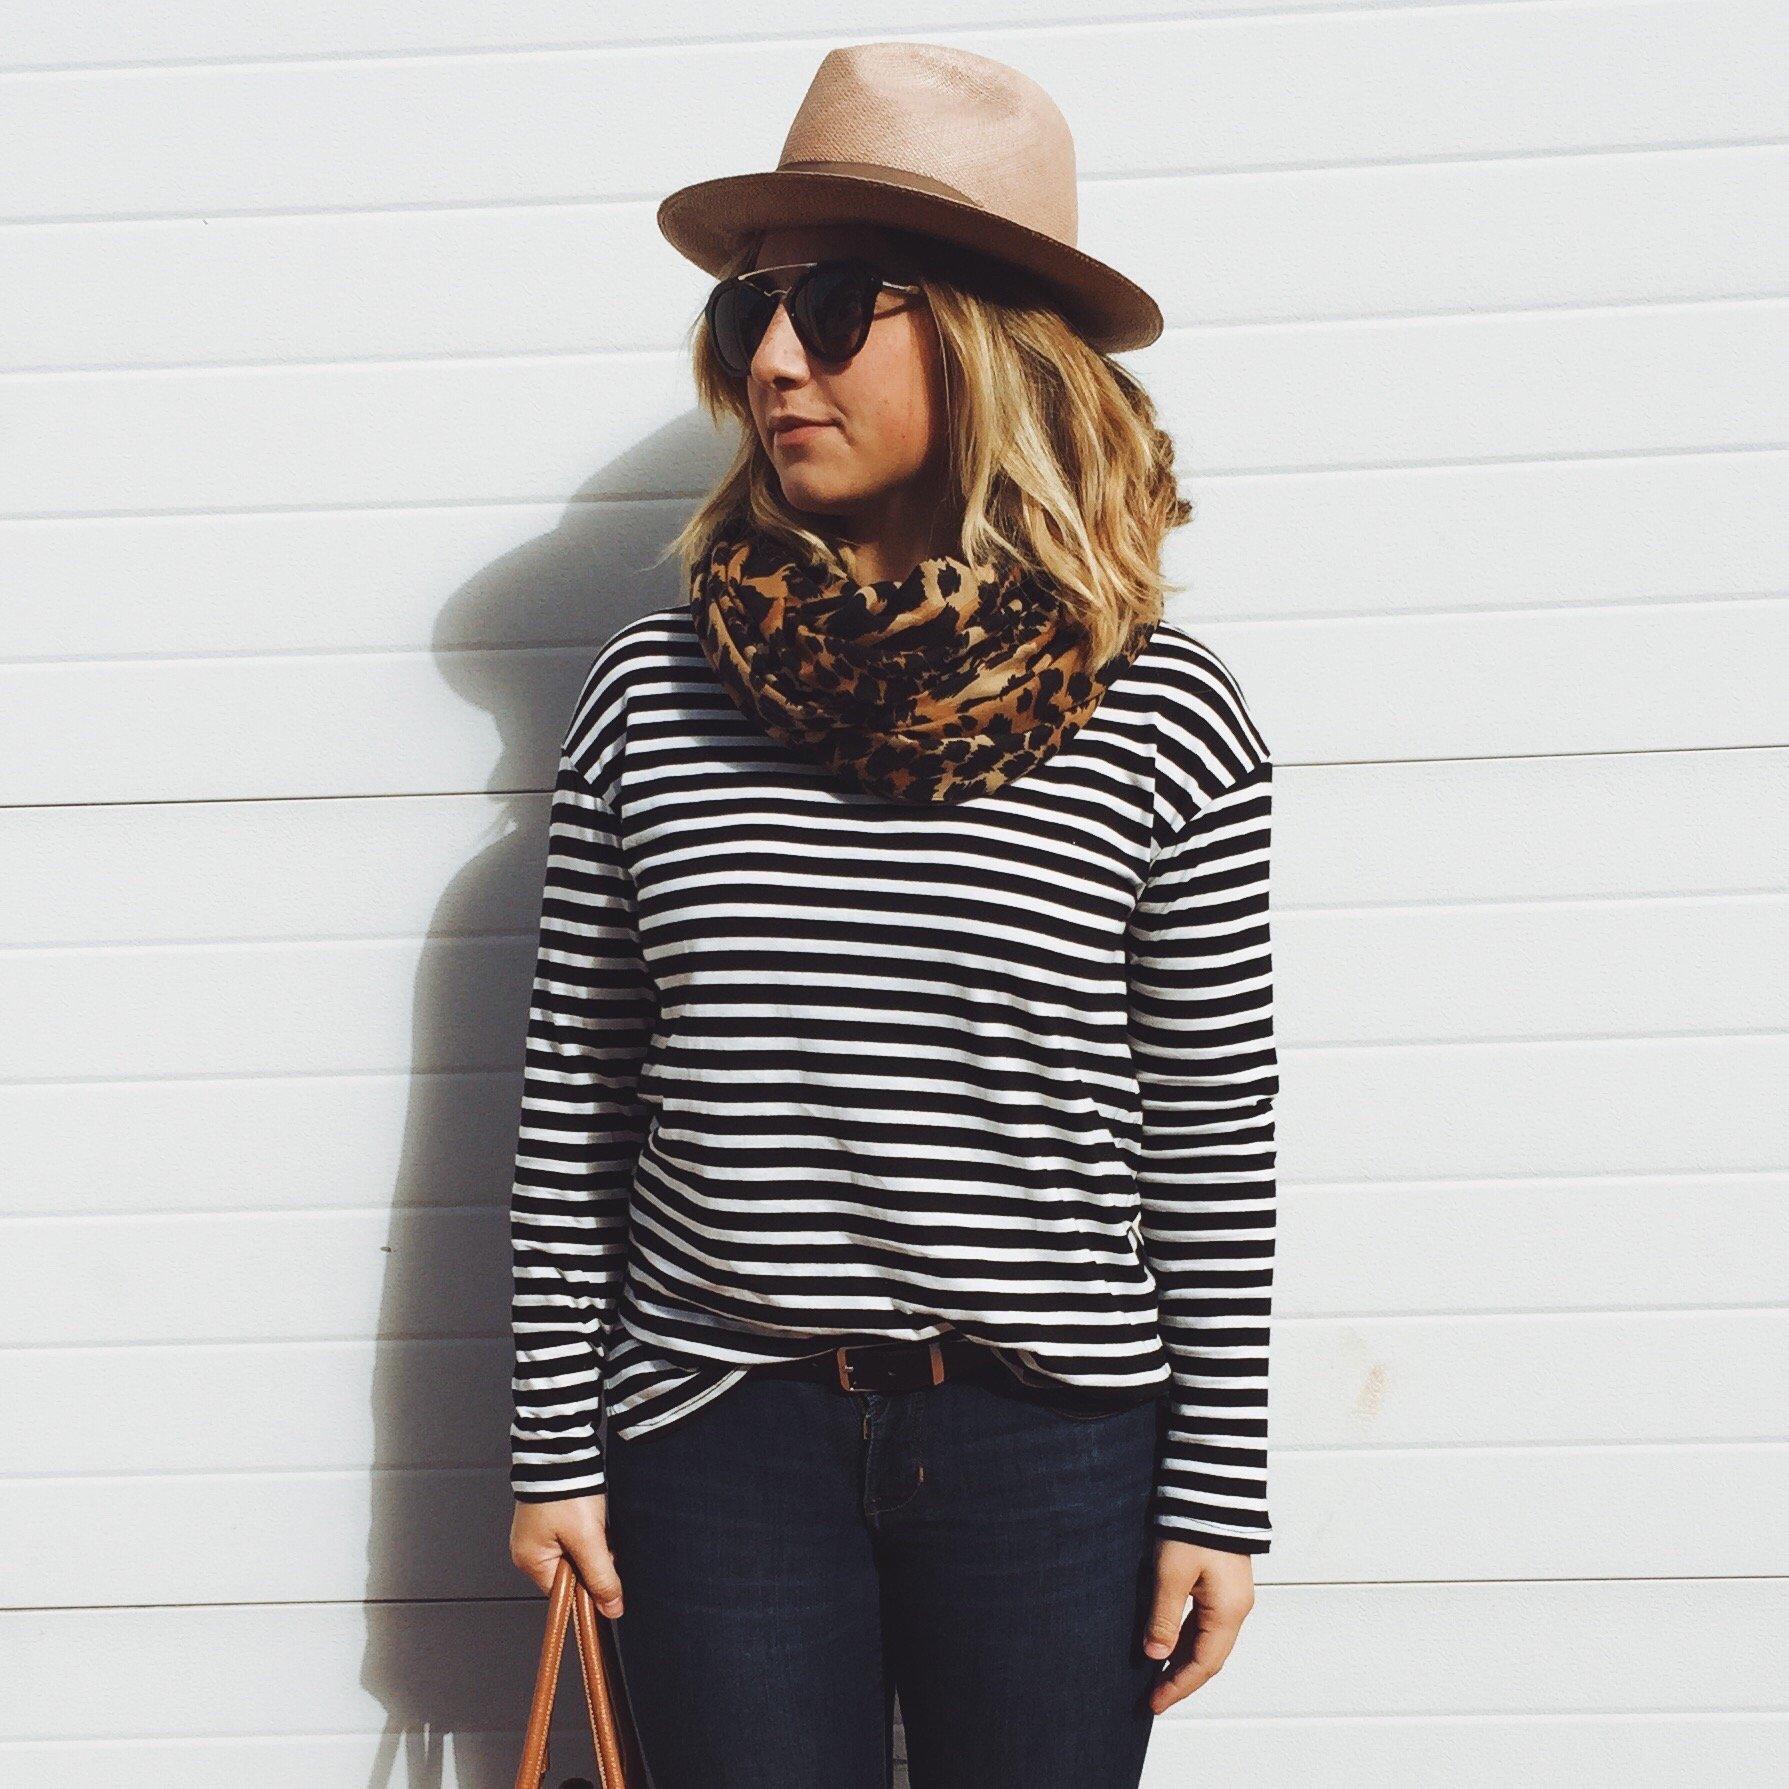 Mulher usando óculos de sol, cachecol e chapéu encostada na parede